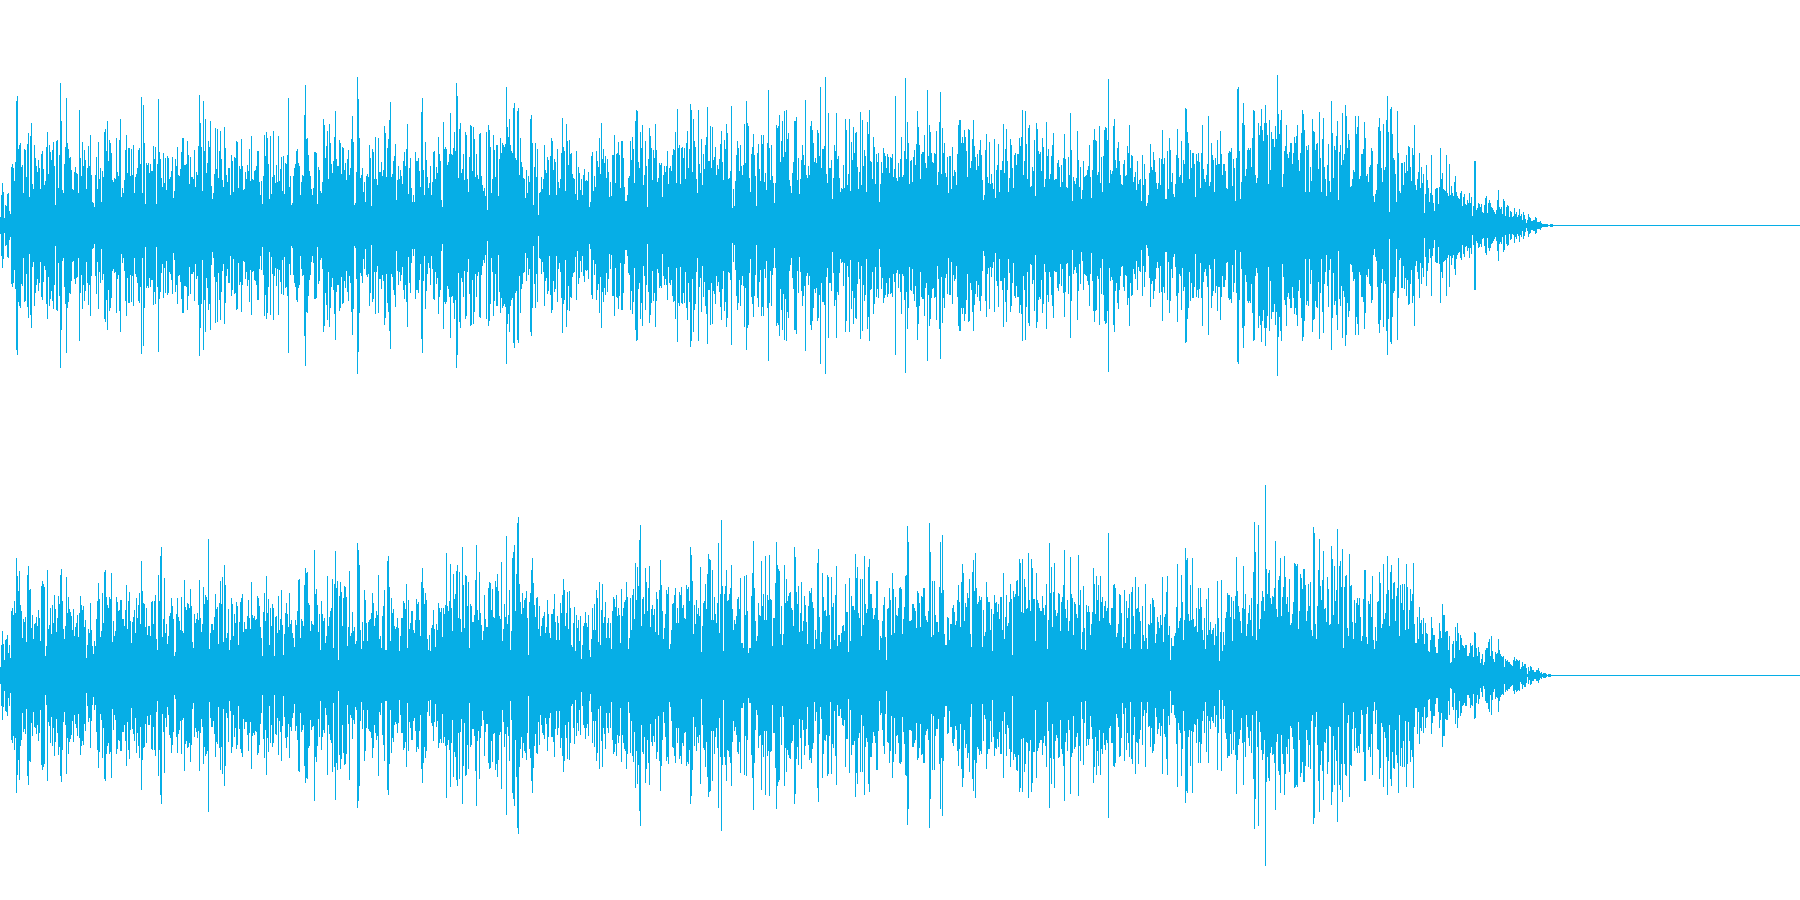 煮えたぎる音の再生済みの波形